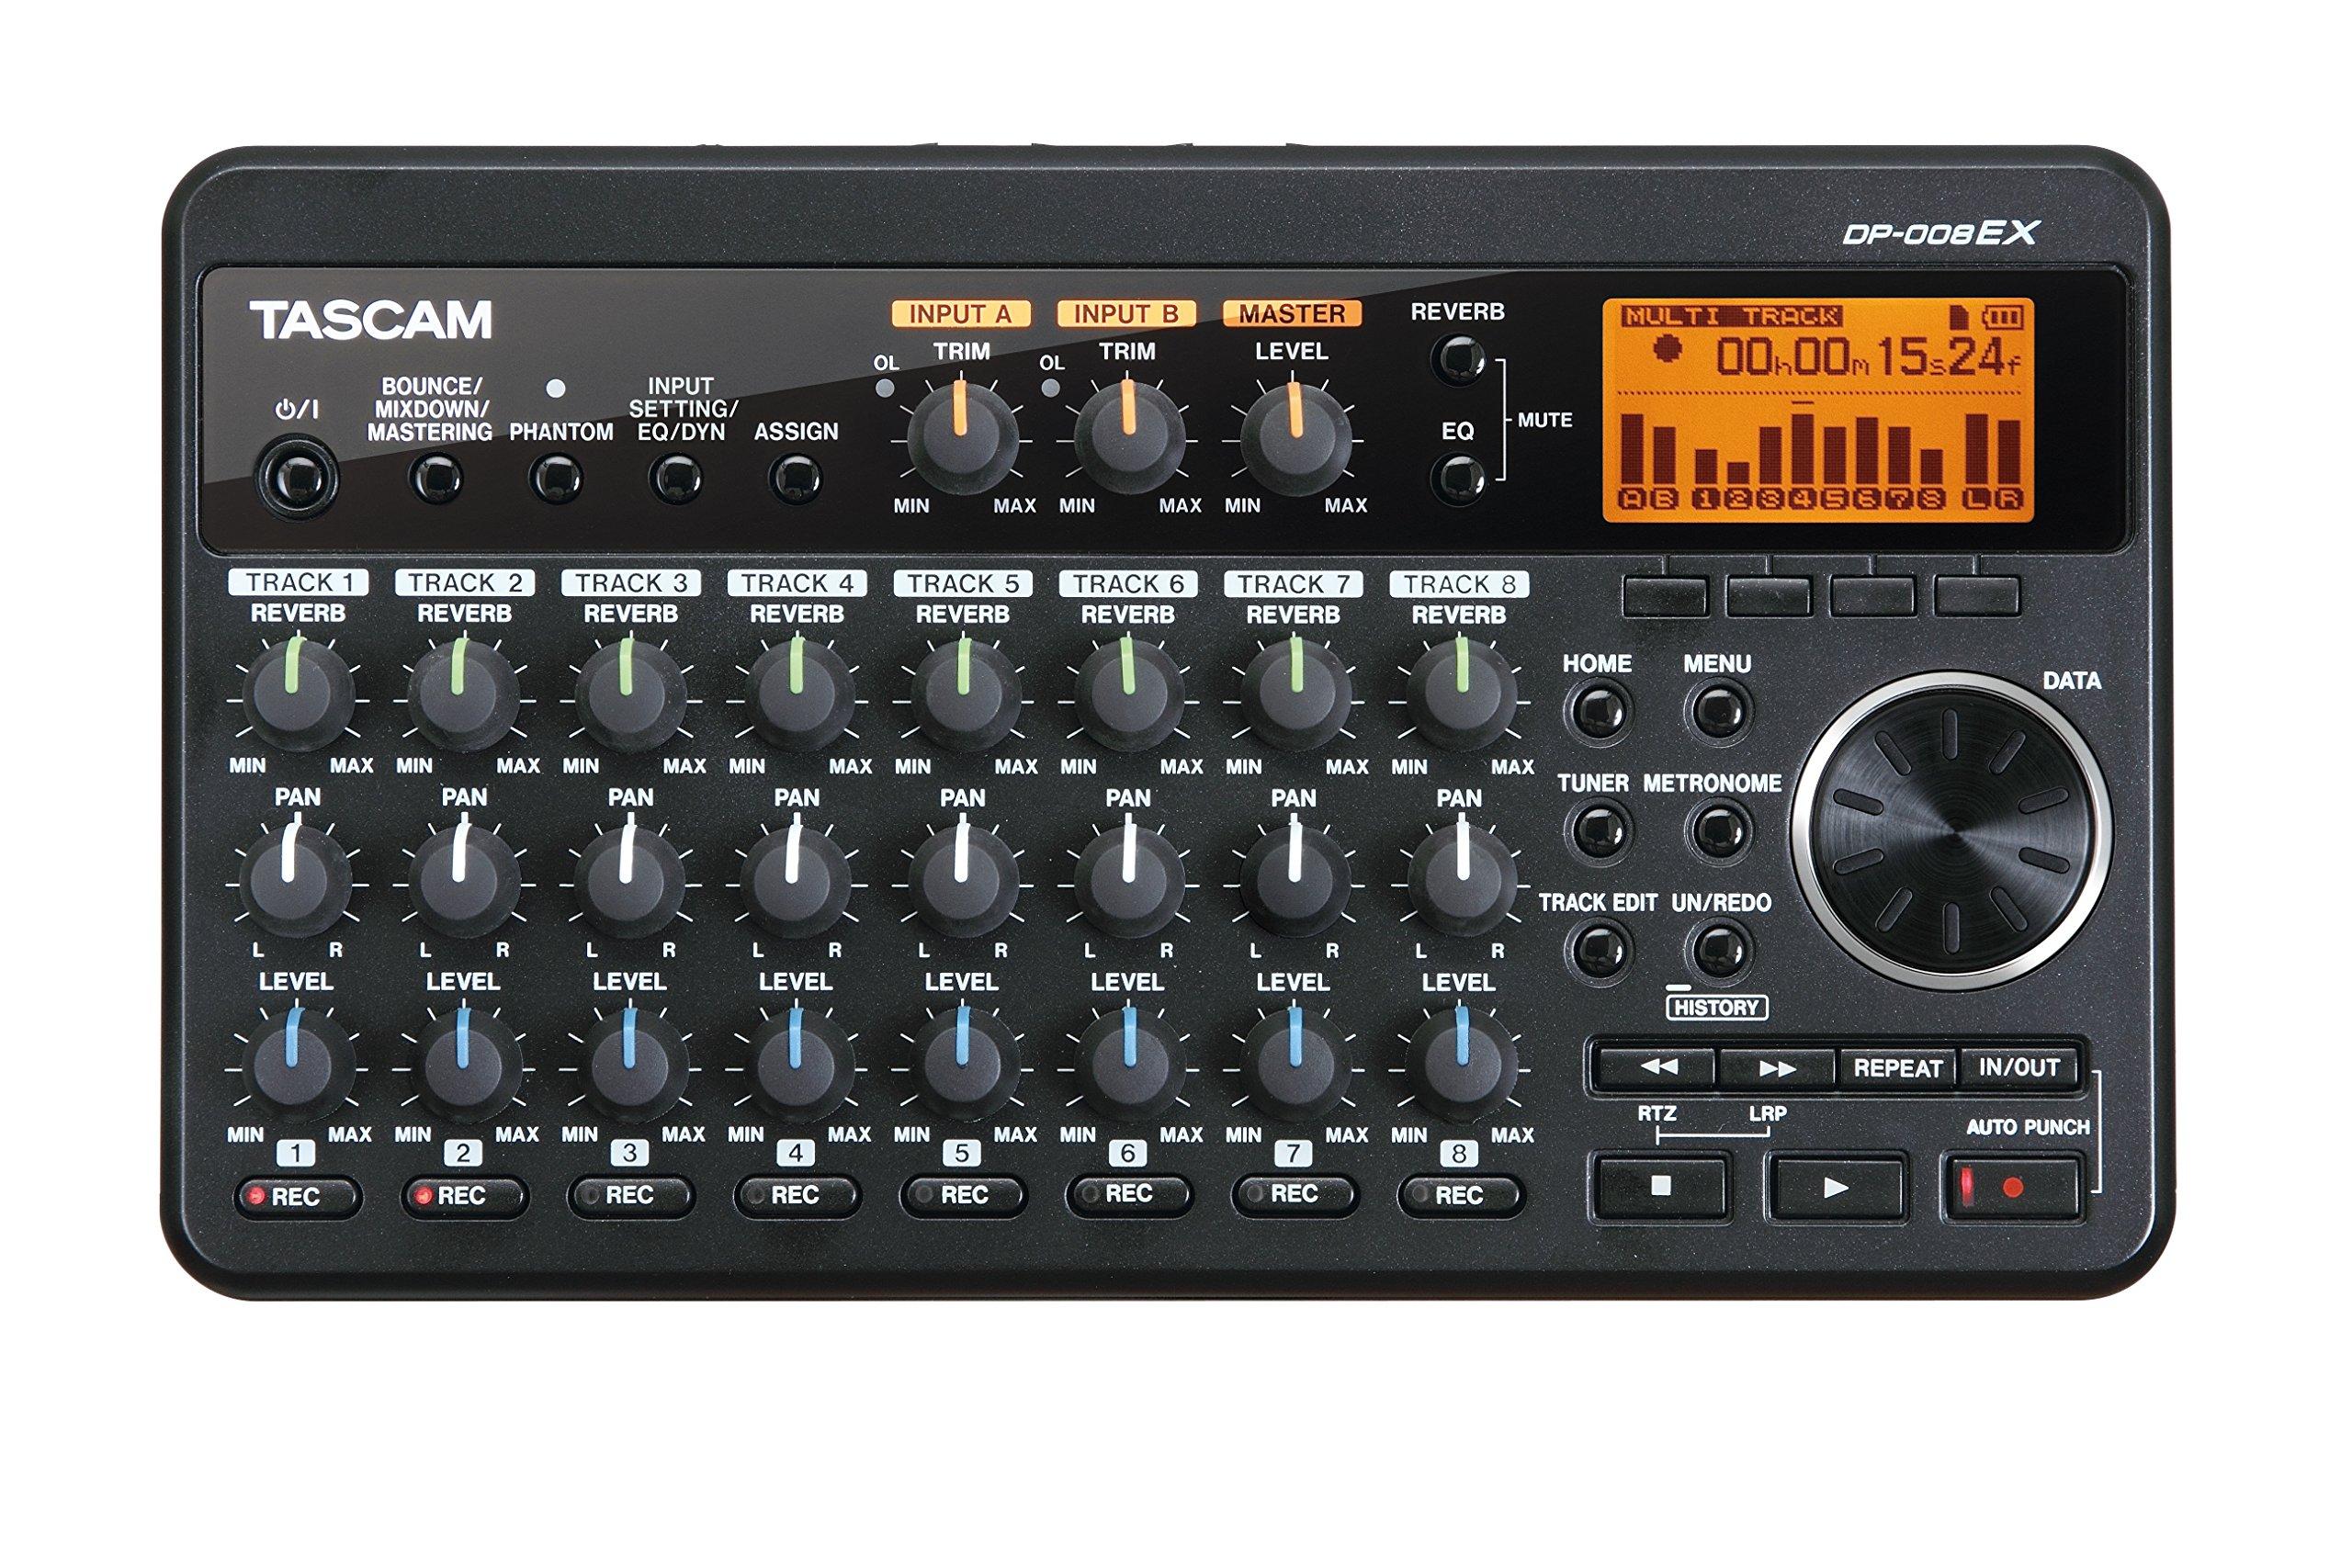 Tascam DP-008EX Digital Portastudio Multitrack Recorder